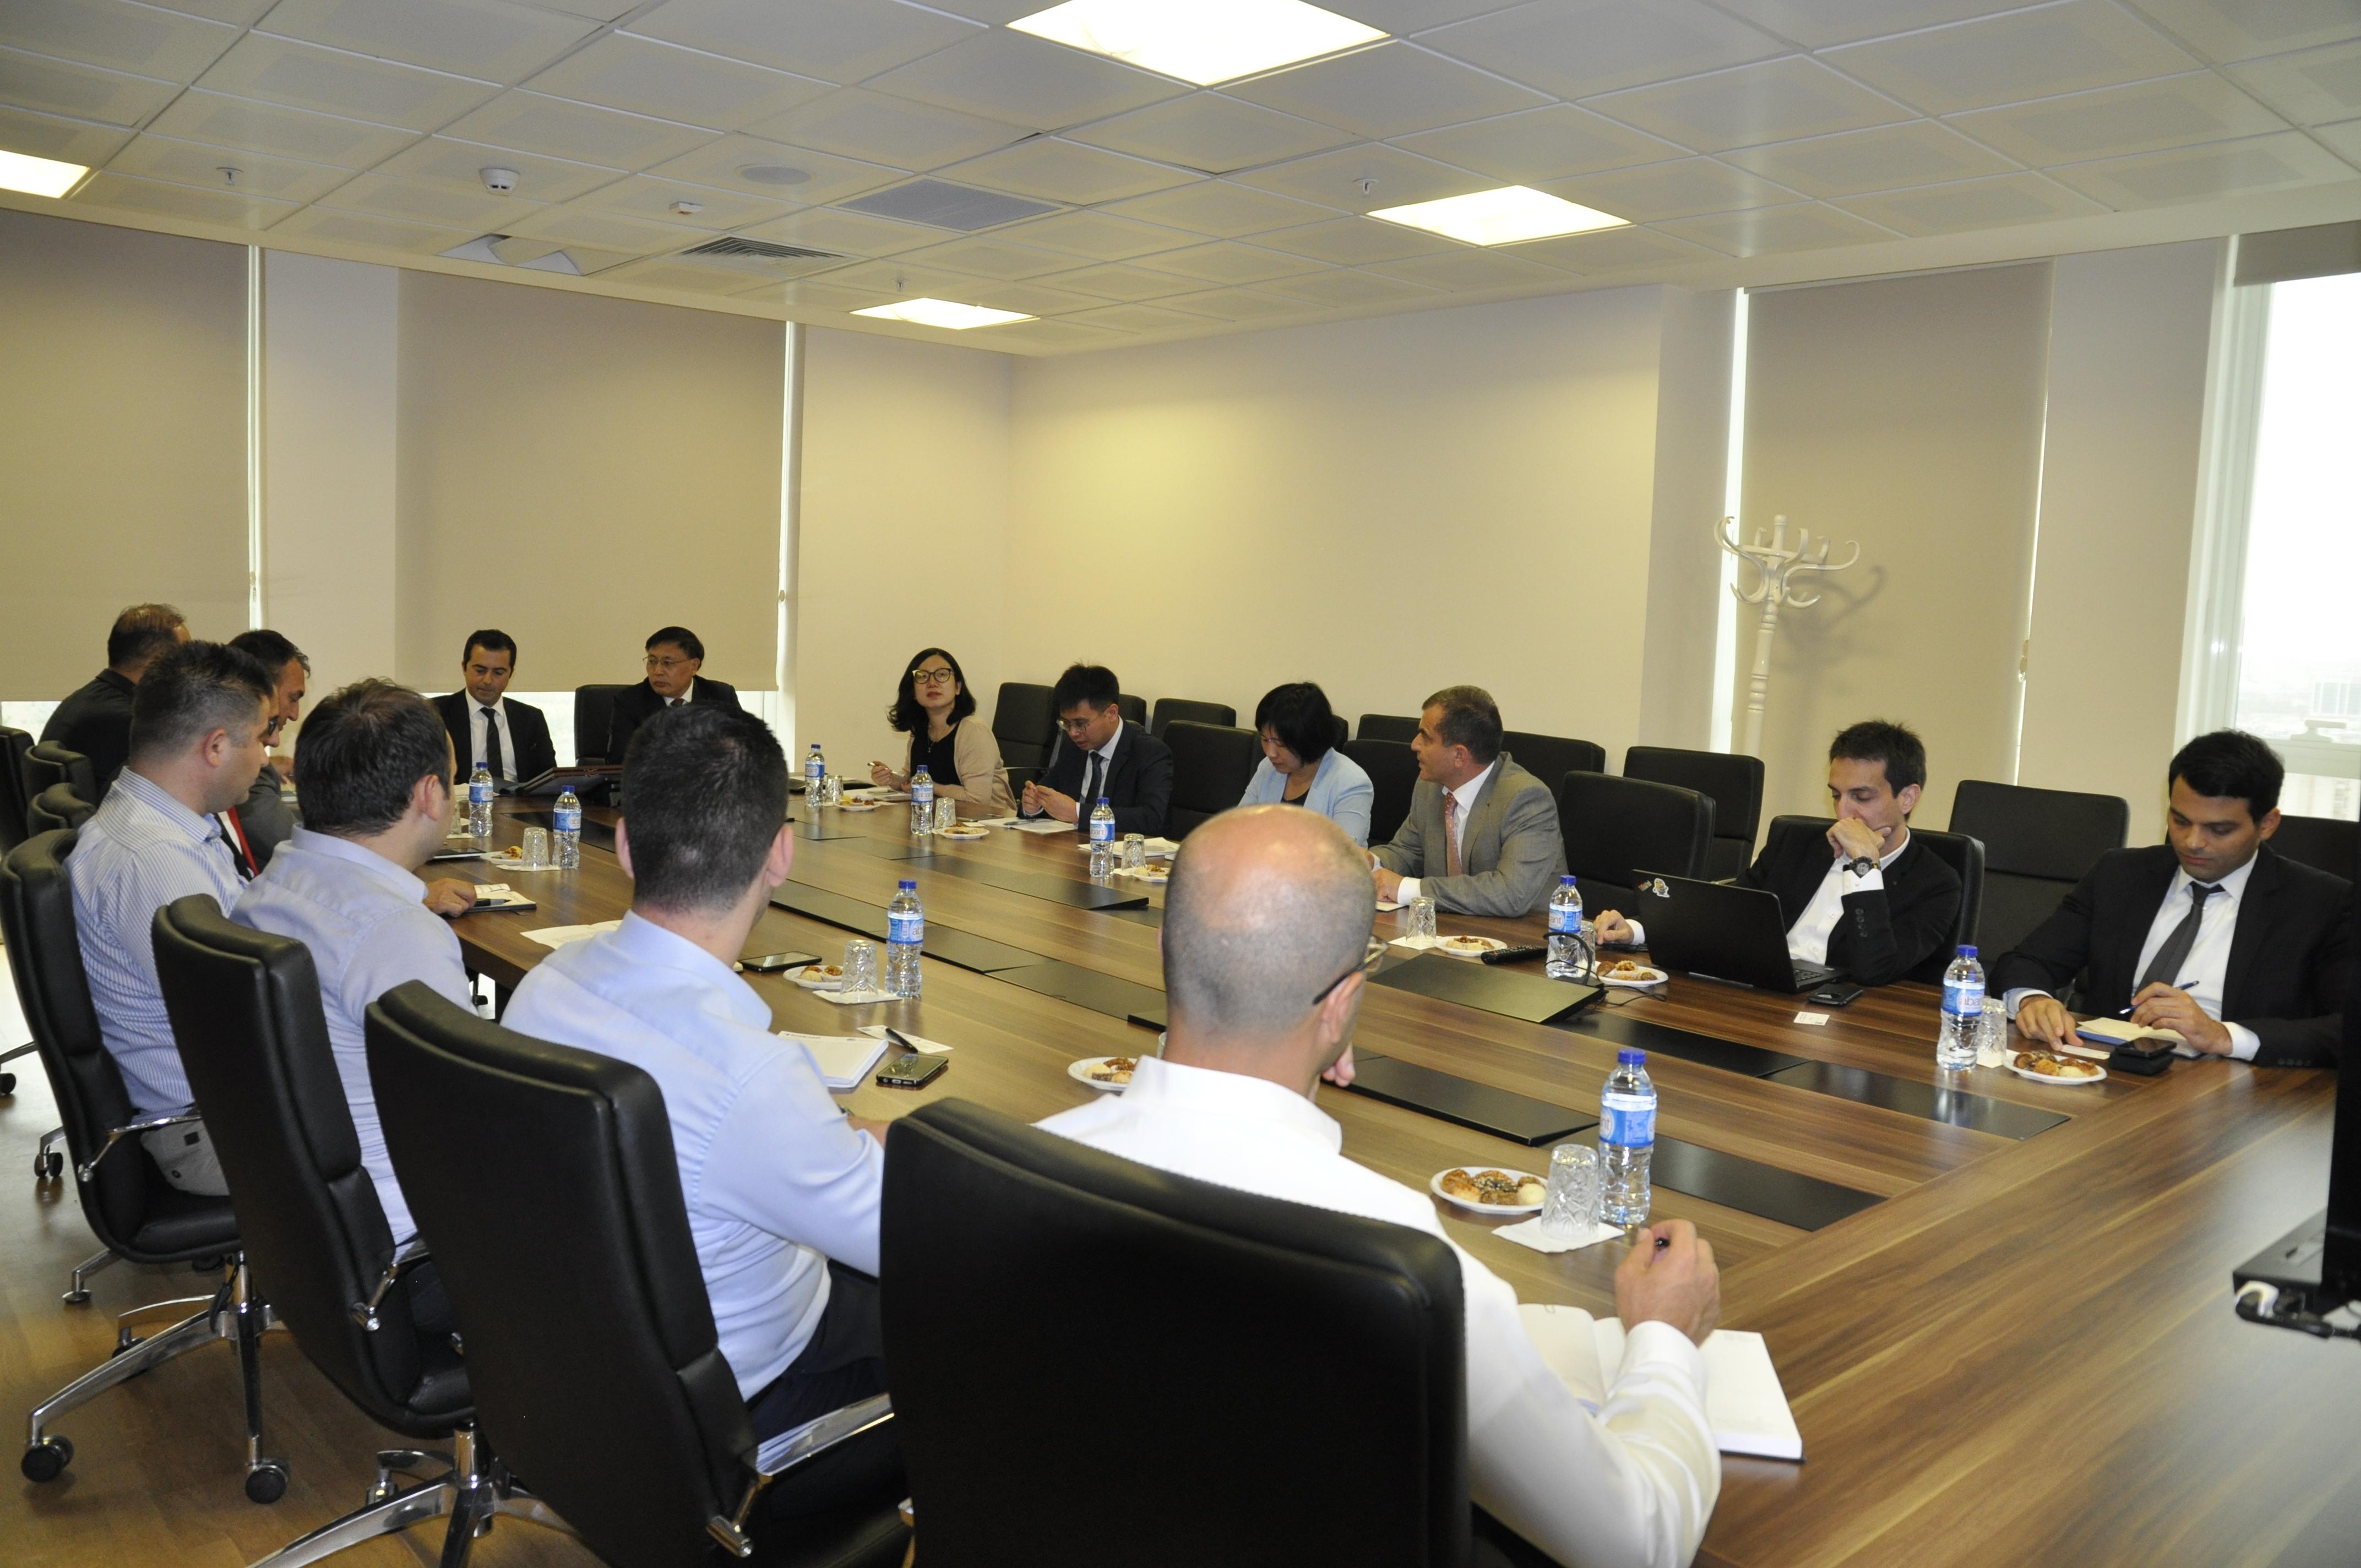 Çin Halk Cumhuriyeti Doğal Kaynaklar Bakanlığı Genel Müdürlüğümüzü Ziyaret Etti.